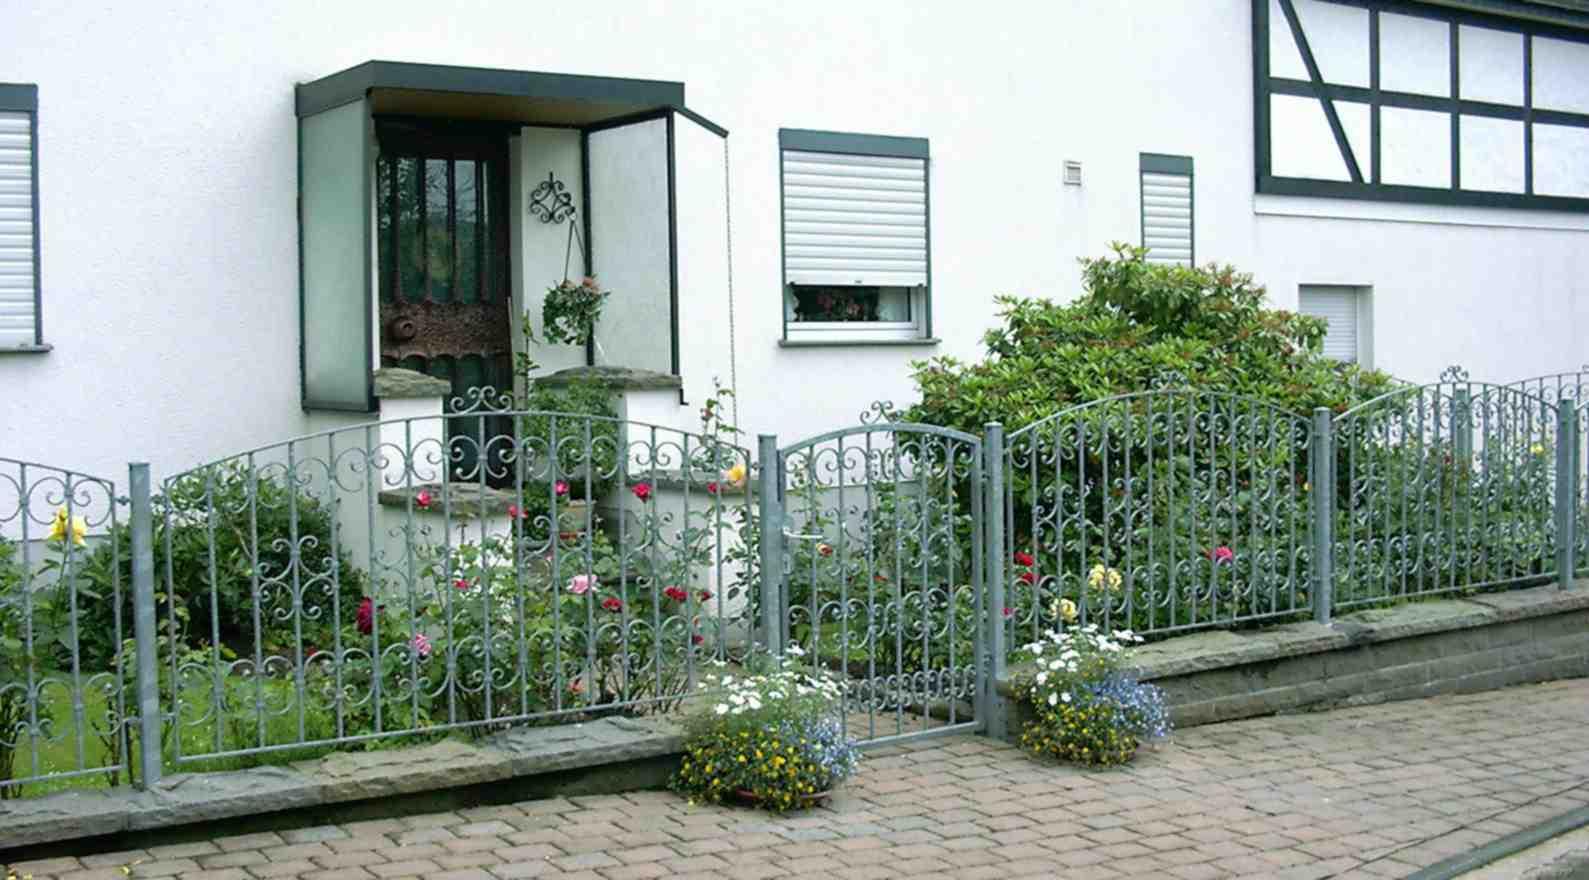 zu jedem zaun geh rt nat rlich ein tor oder toranlage einfl gelig zweifl gelig oder ein. Black Bedroom Furniture Sets. Home Design Ideas